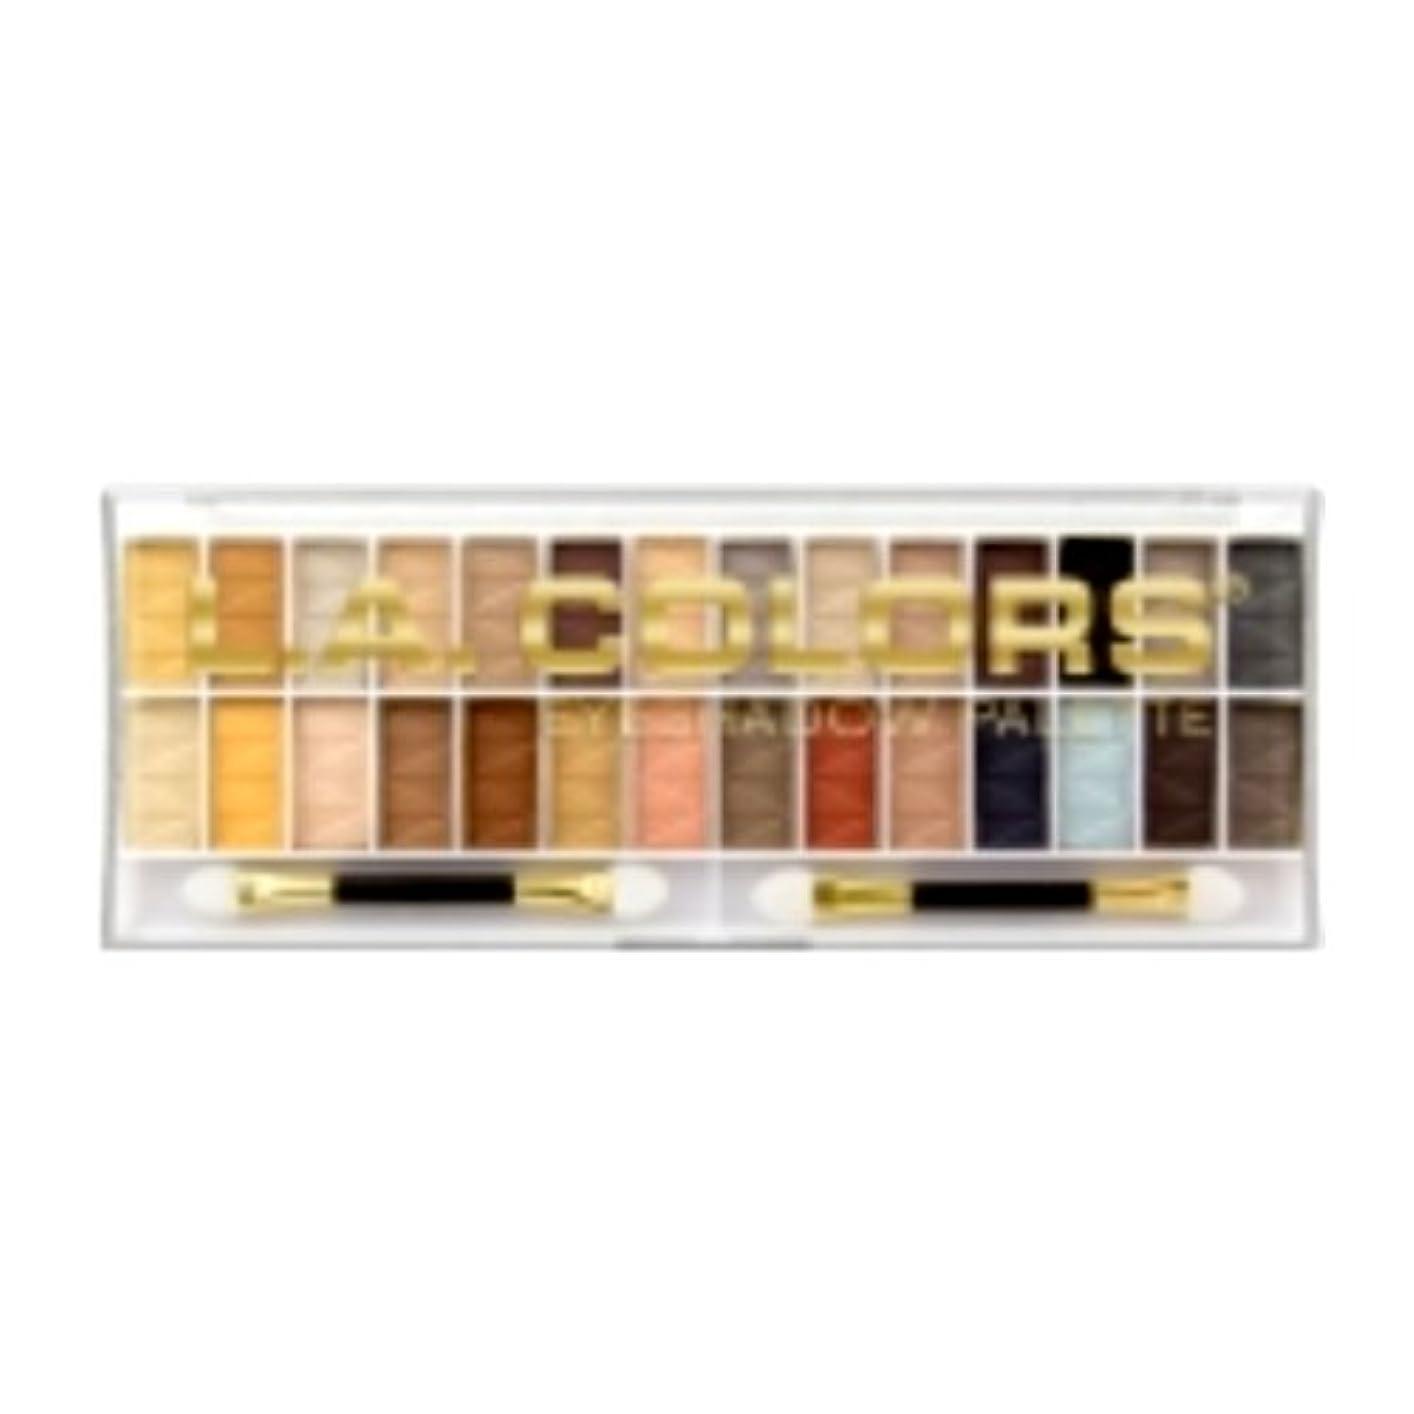 アーカイブきつく団結するL.A. COLORS 28 Color Eyeshadow Palette - Hollywood (並行輸入品)